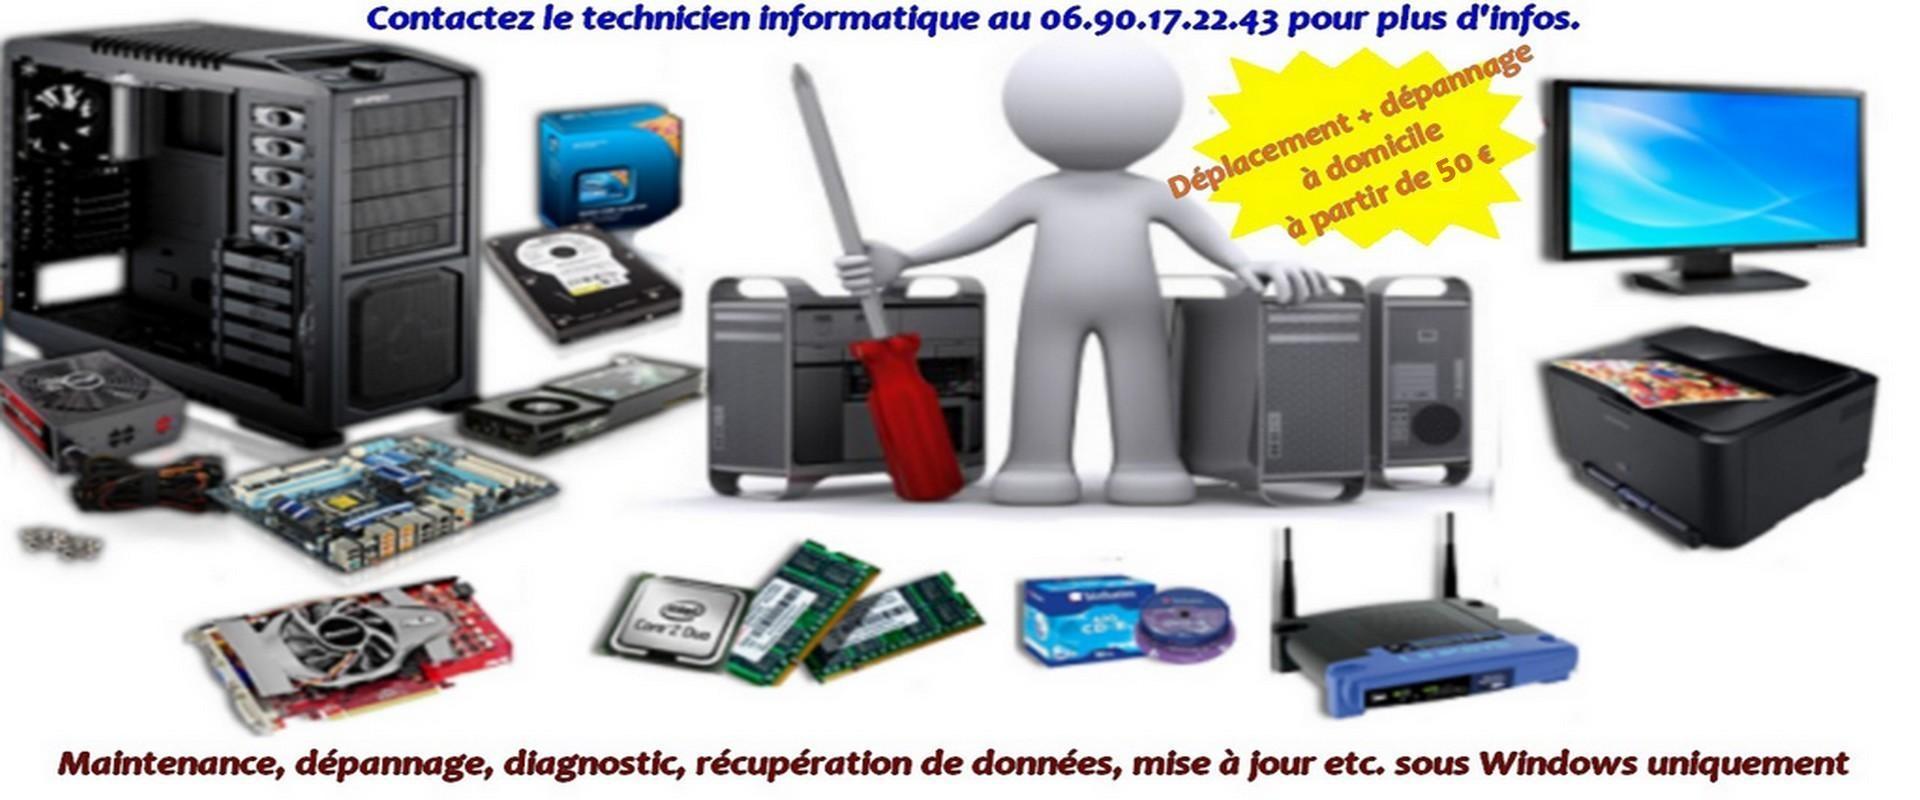 Bienvenue Sur HiGh Tech Informatique - Maintenance et Montage sur votre PC